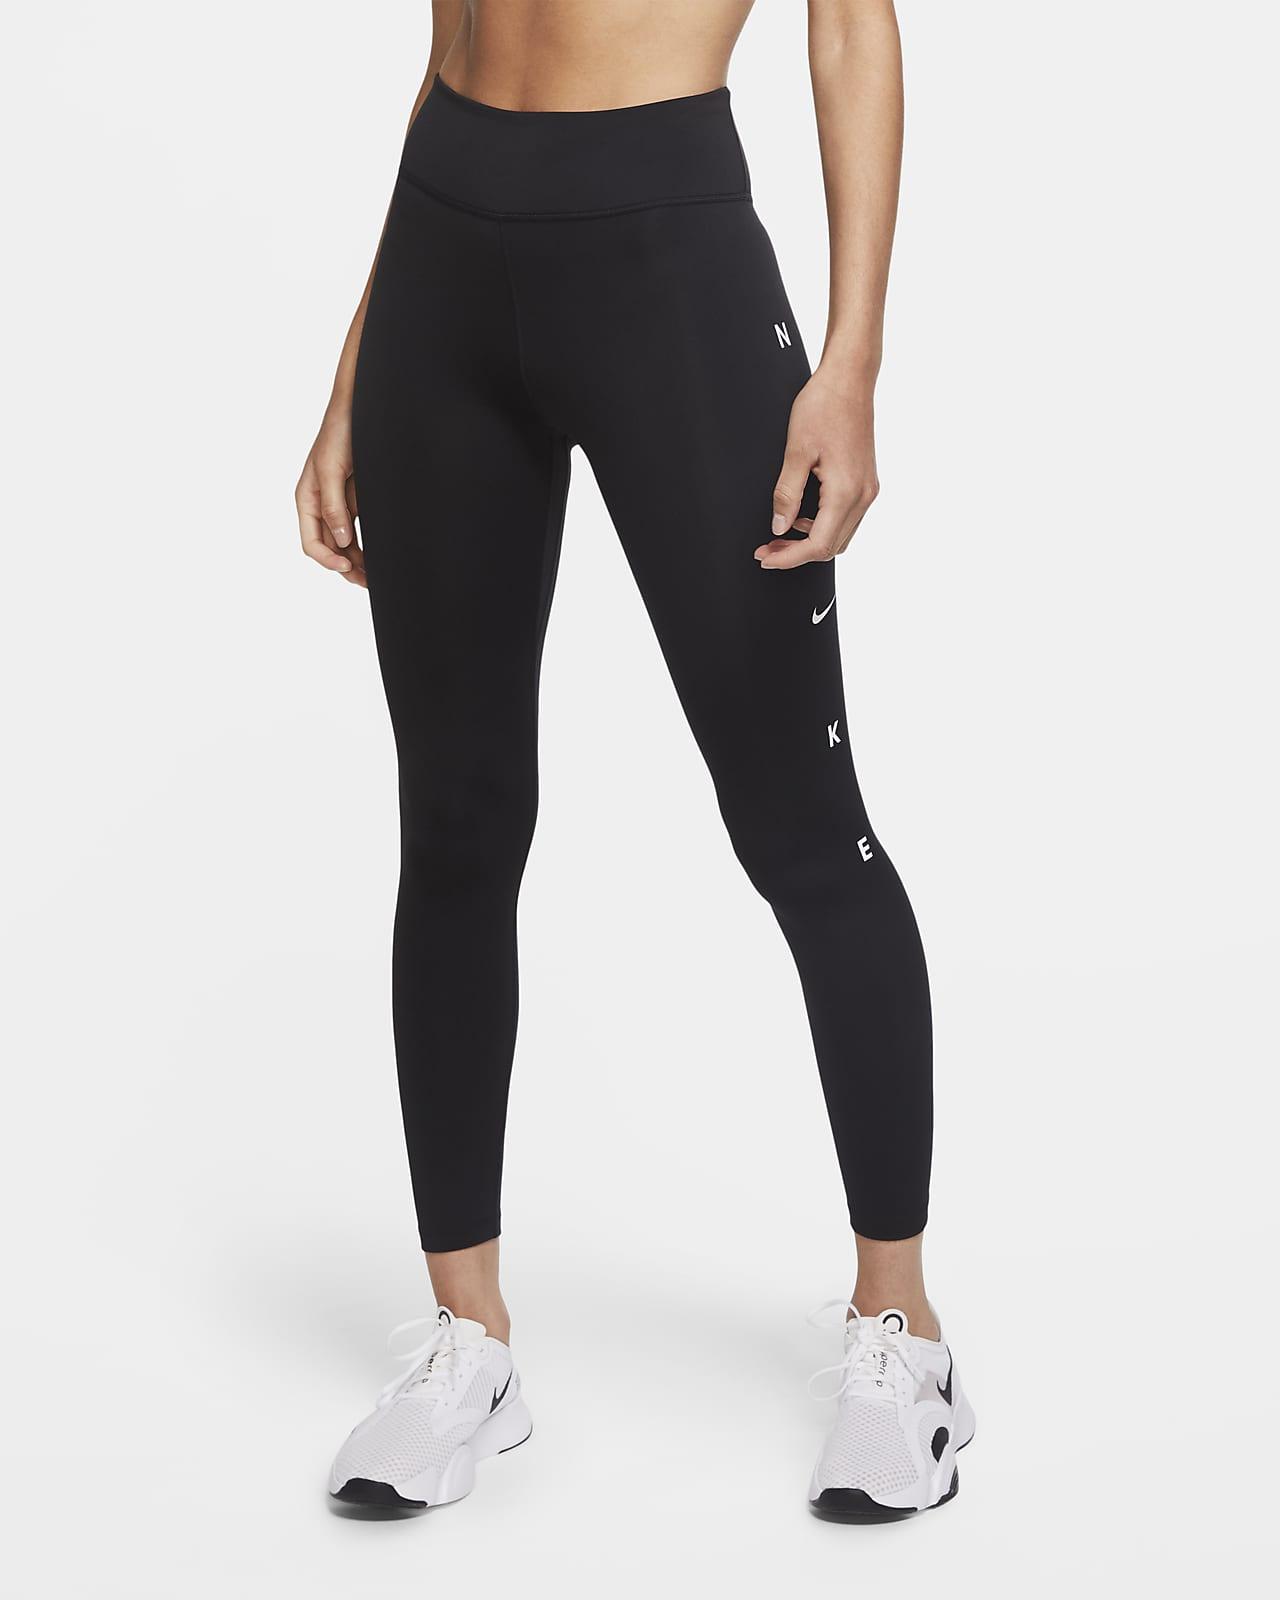 Legging imprimé 7/8 Nike One pour Femme